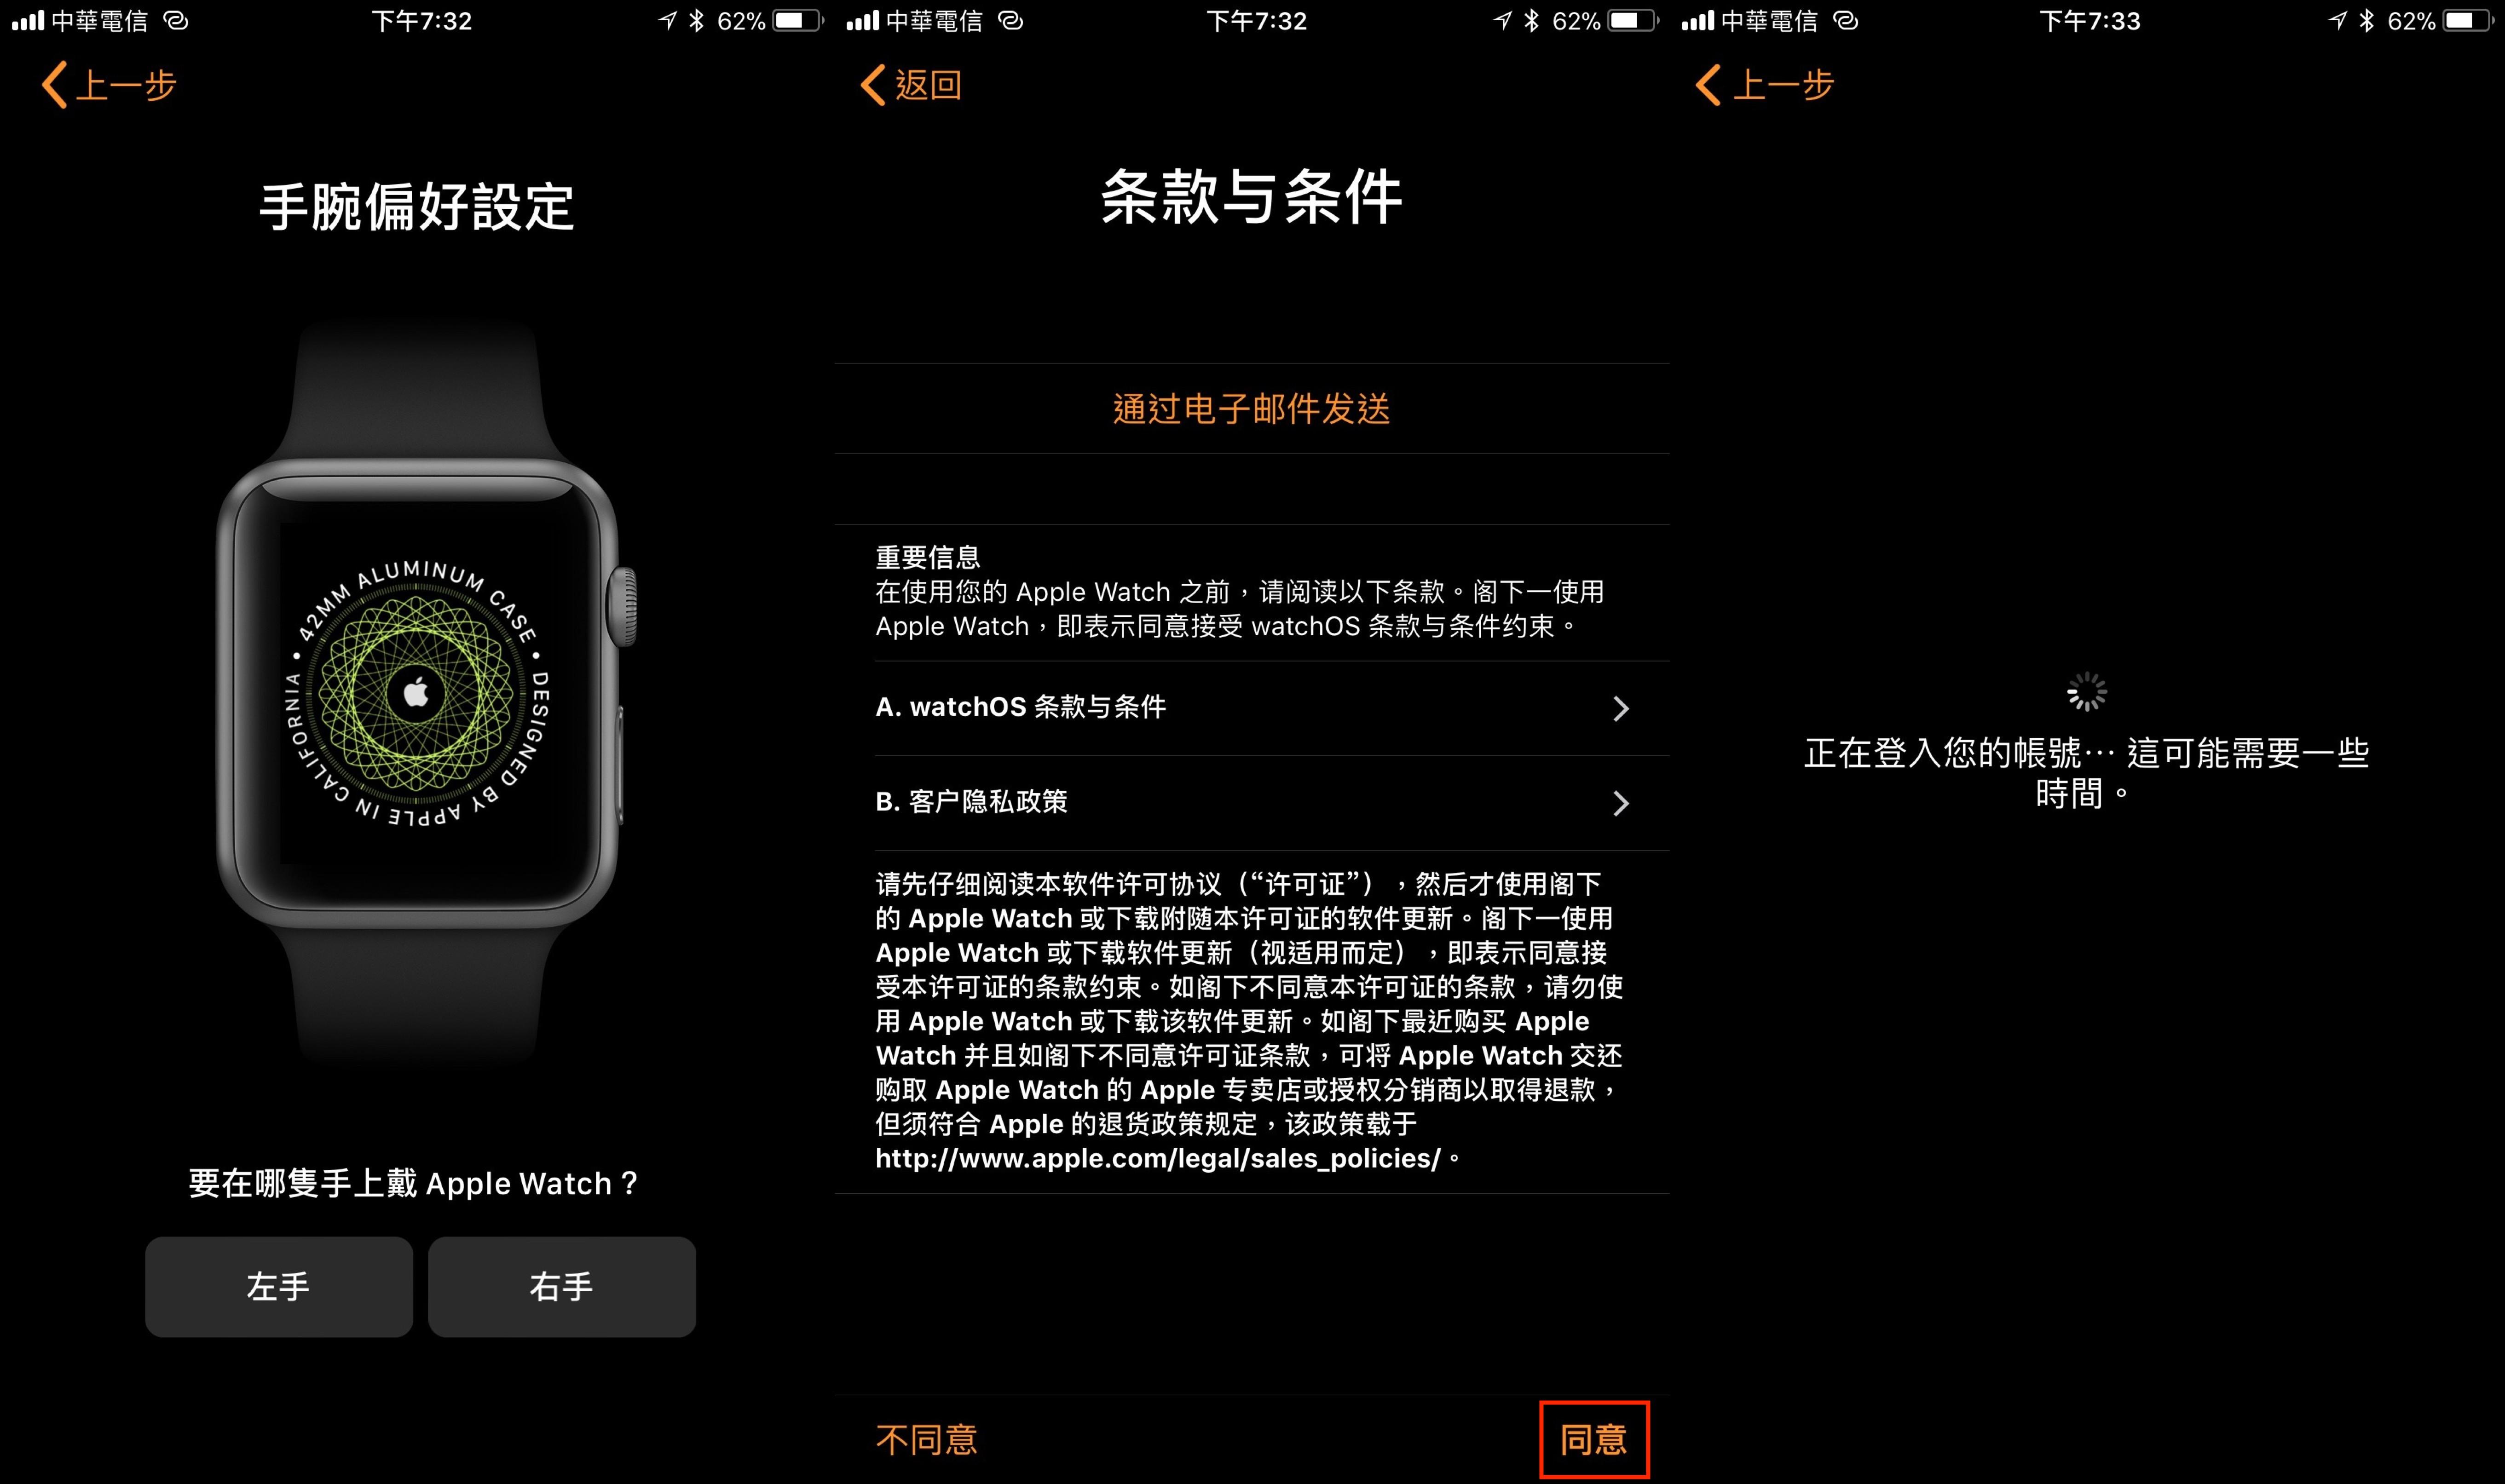 將 Apple Watch 與 iPhone 配對 3